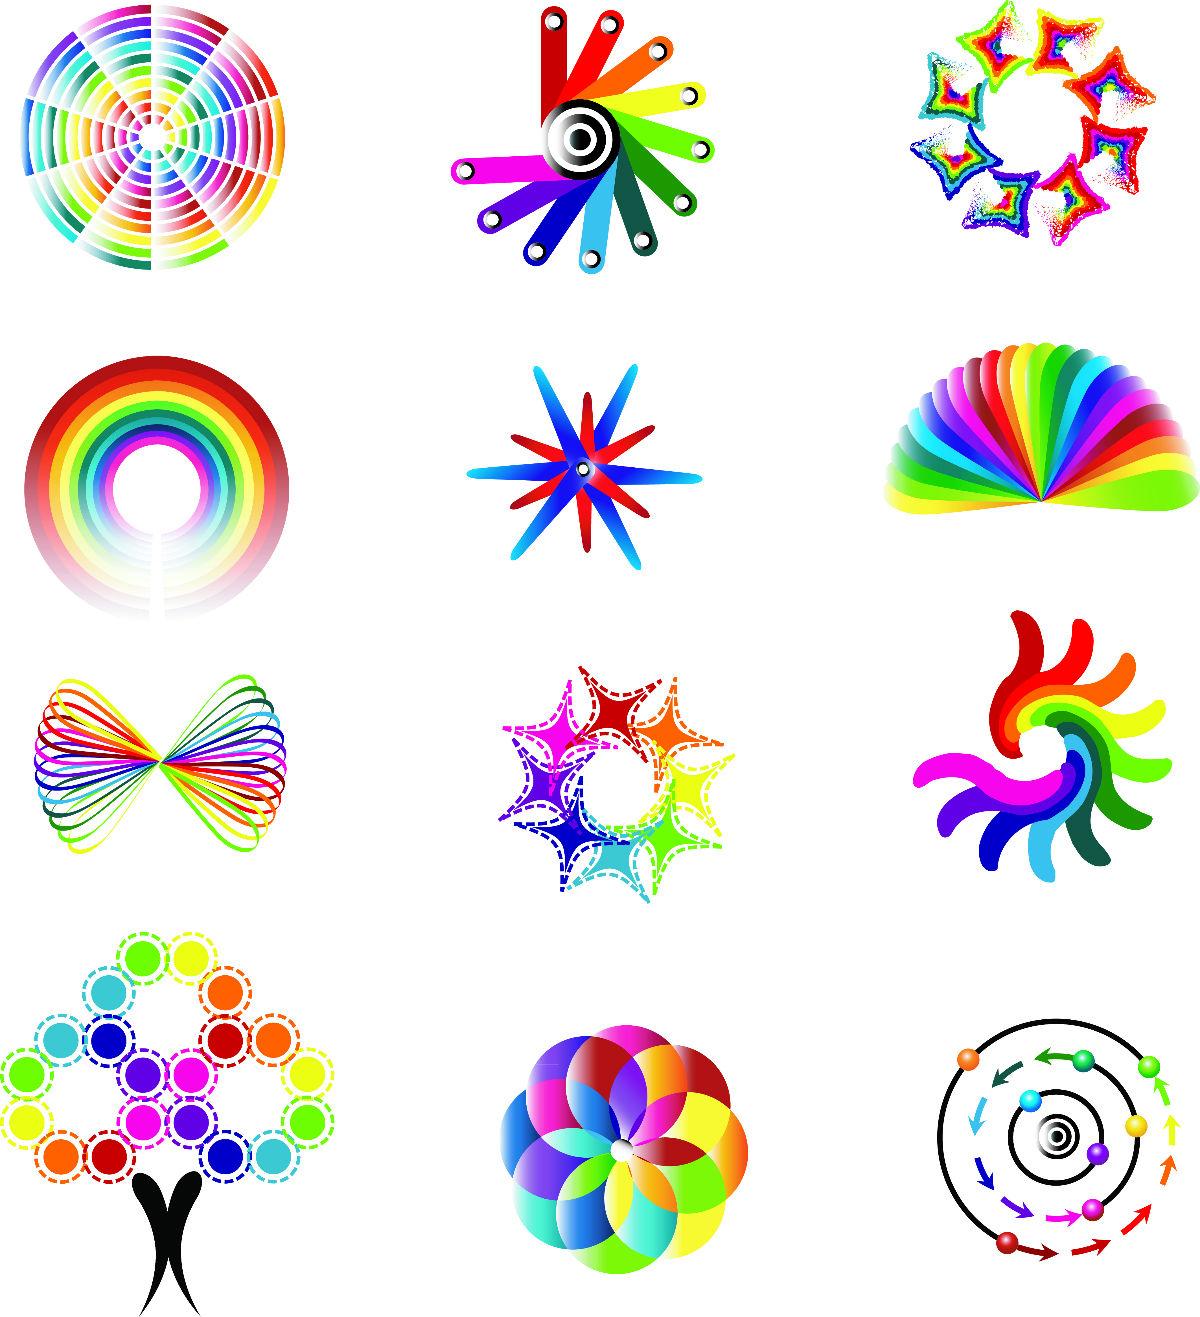 数字21创意logo设计_环保标语大全的图画_一年级环保图片